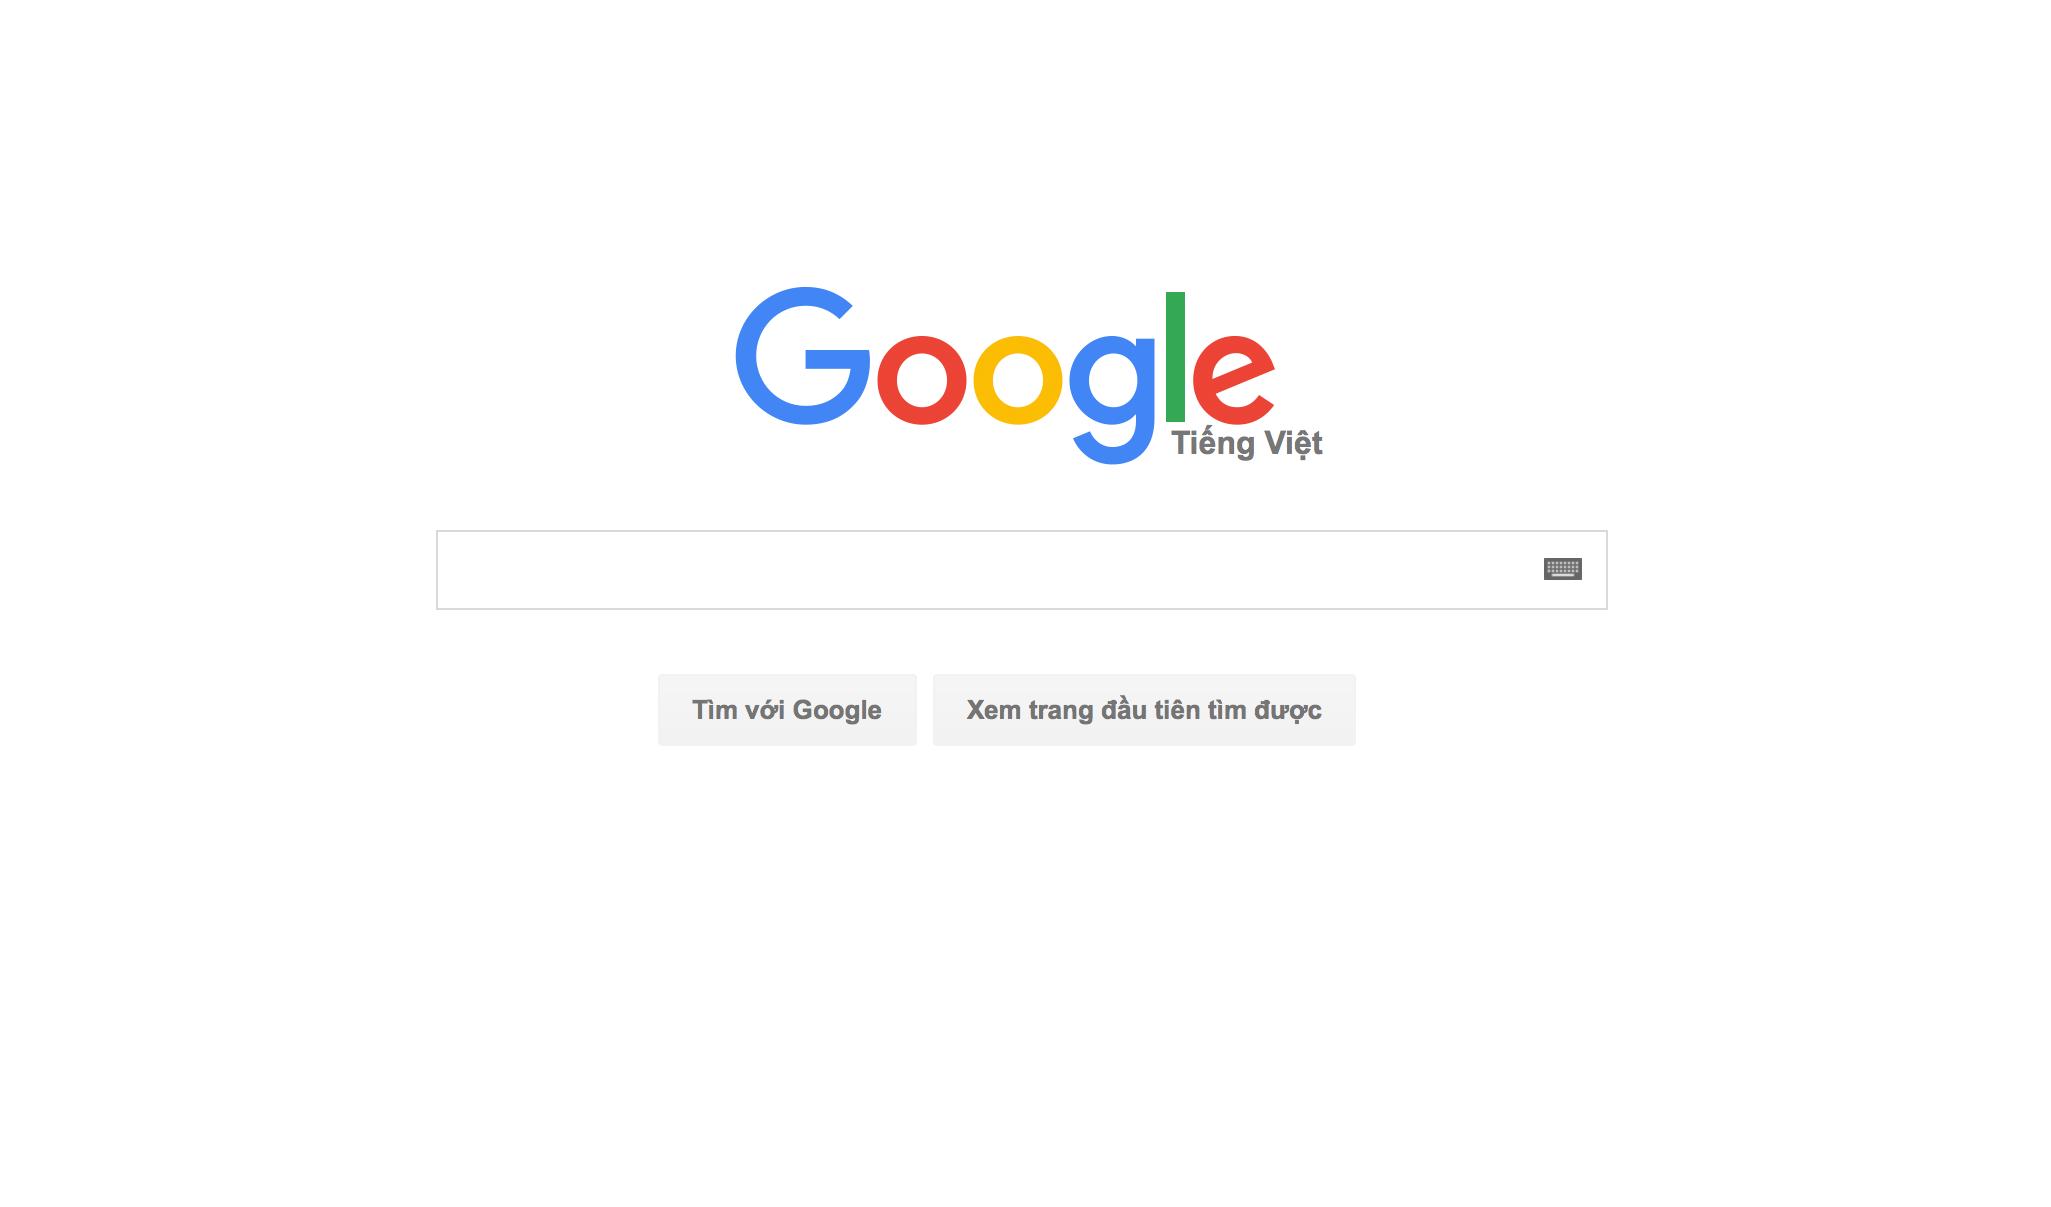 rgb_google_new_logo_00